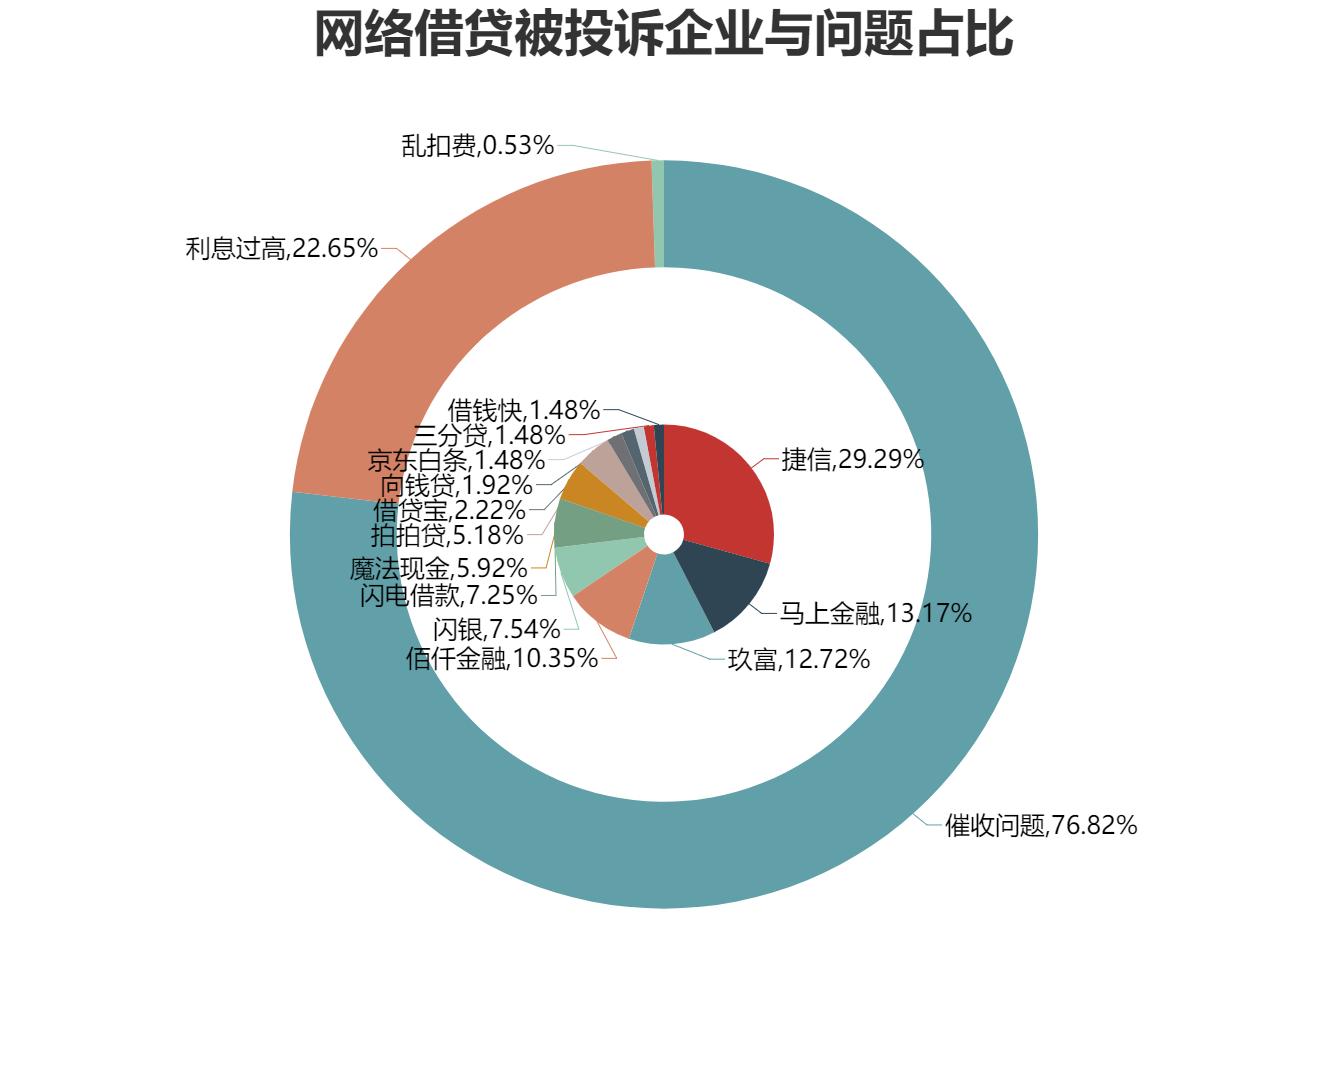 网络借贷被投诉企业与问题占比 (1).png